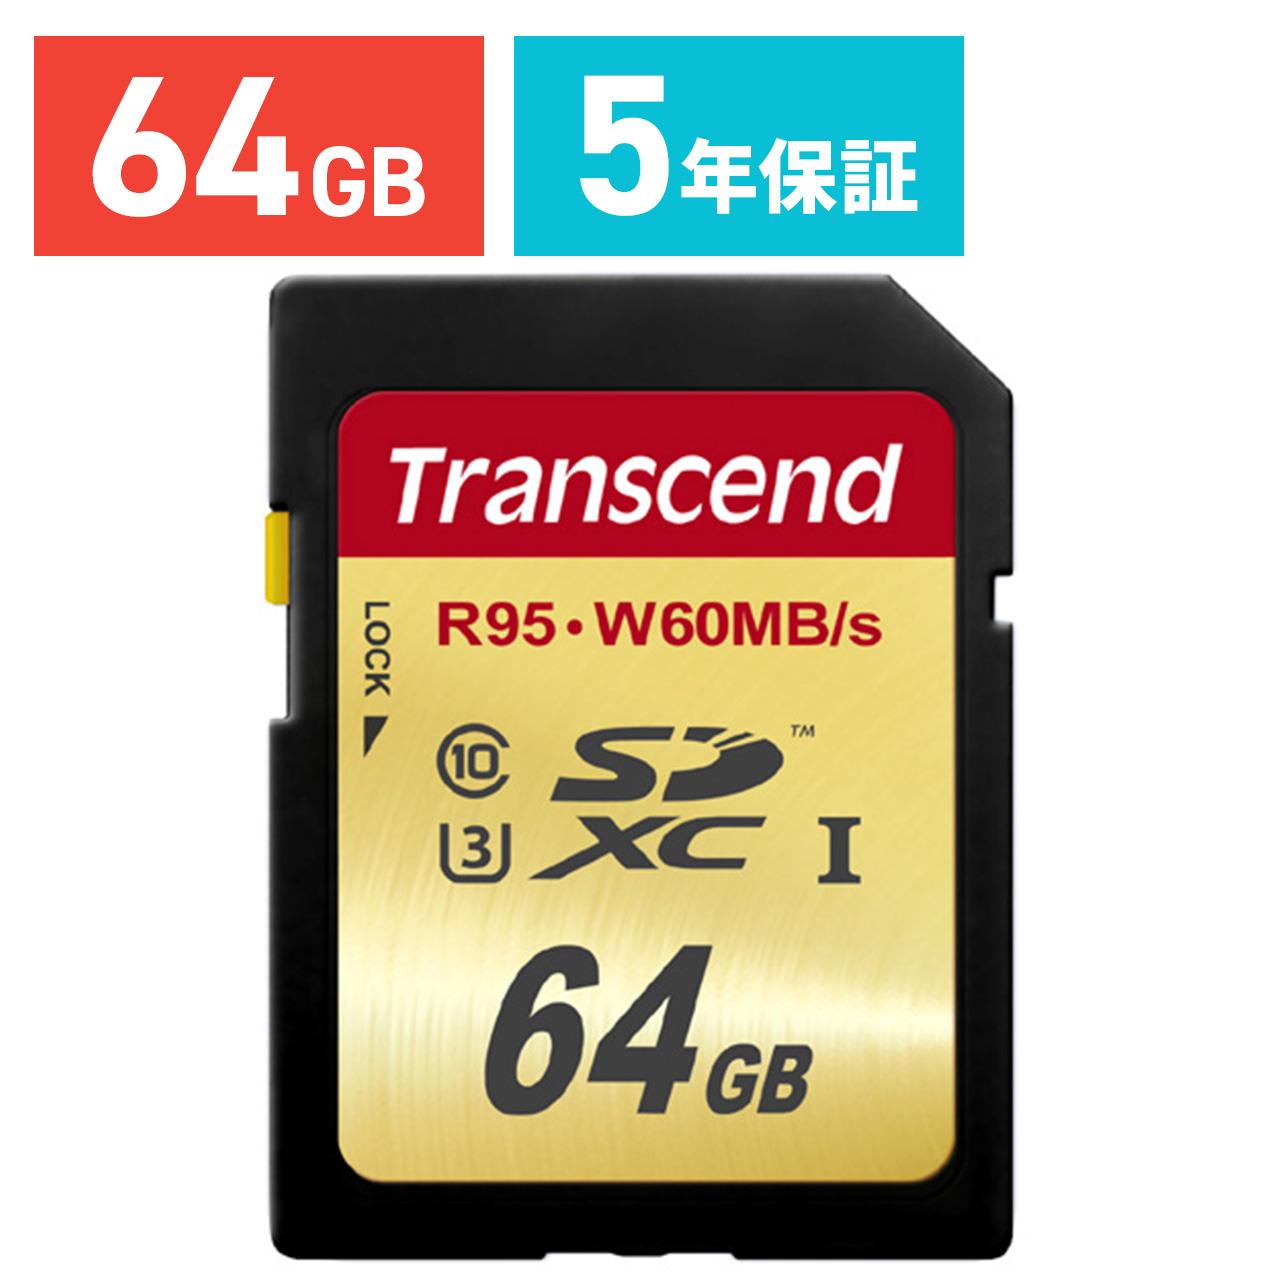 正規店 メイルオーダー 圧倒的な高評価レビュー4.5点 TS64GSDU3 ネコポス専用 送料無料 Transcend SDカード 64GB Class10 UHS-I U3 5年保証 卒業 クラス10 U3シリーズ s SDXC メモリーカード 最大95MB 入学